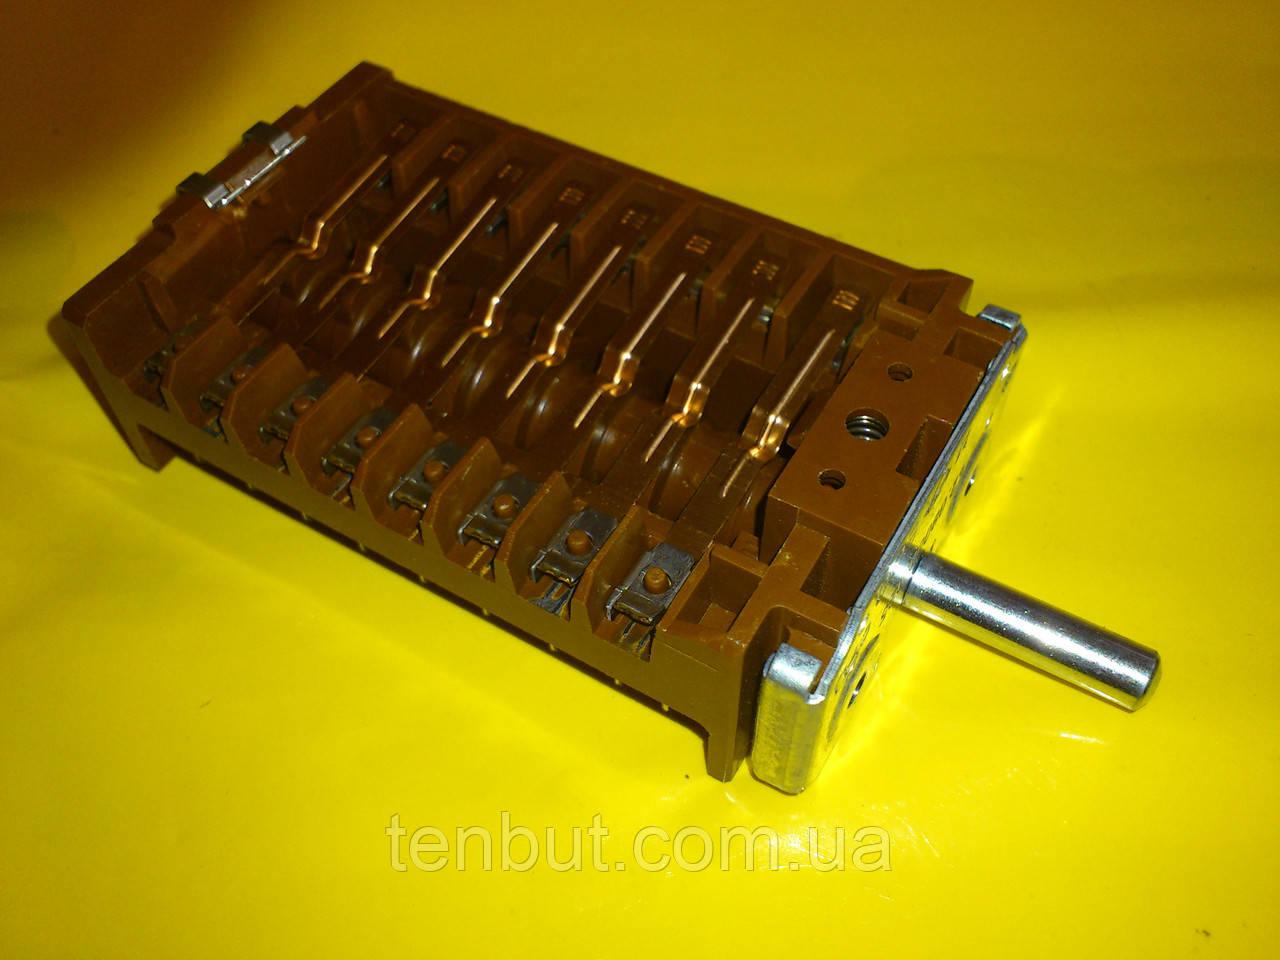 Переключатель ПМ-42.08000.025 EGO / 8-ми позиционный на электроплиты производство Германия